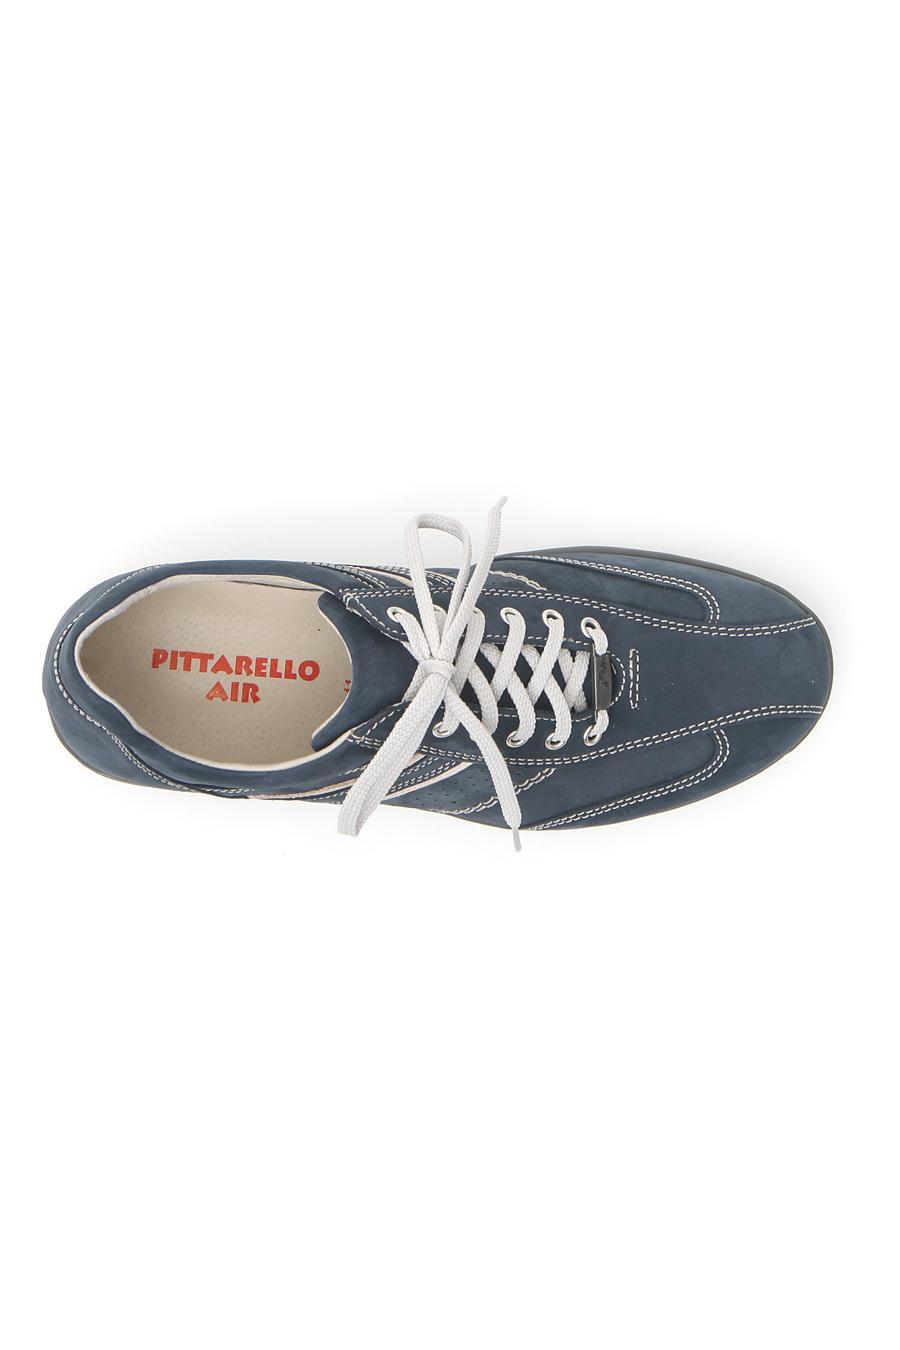 SNEAKERS uomo blu PITTARELLO AIR 6821 | Pittarello